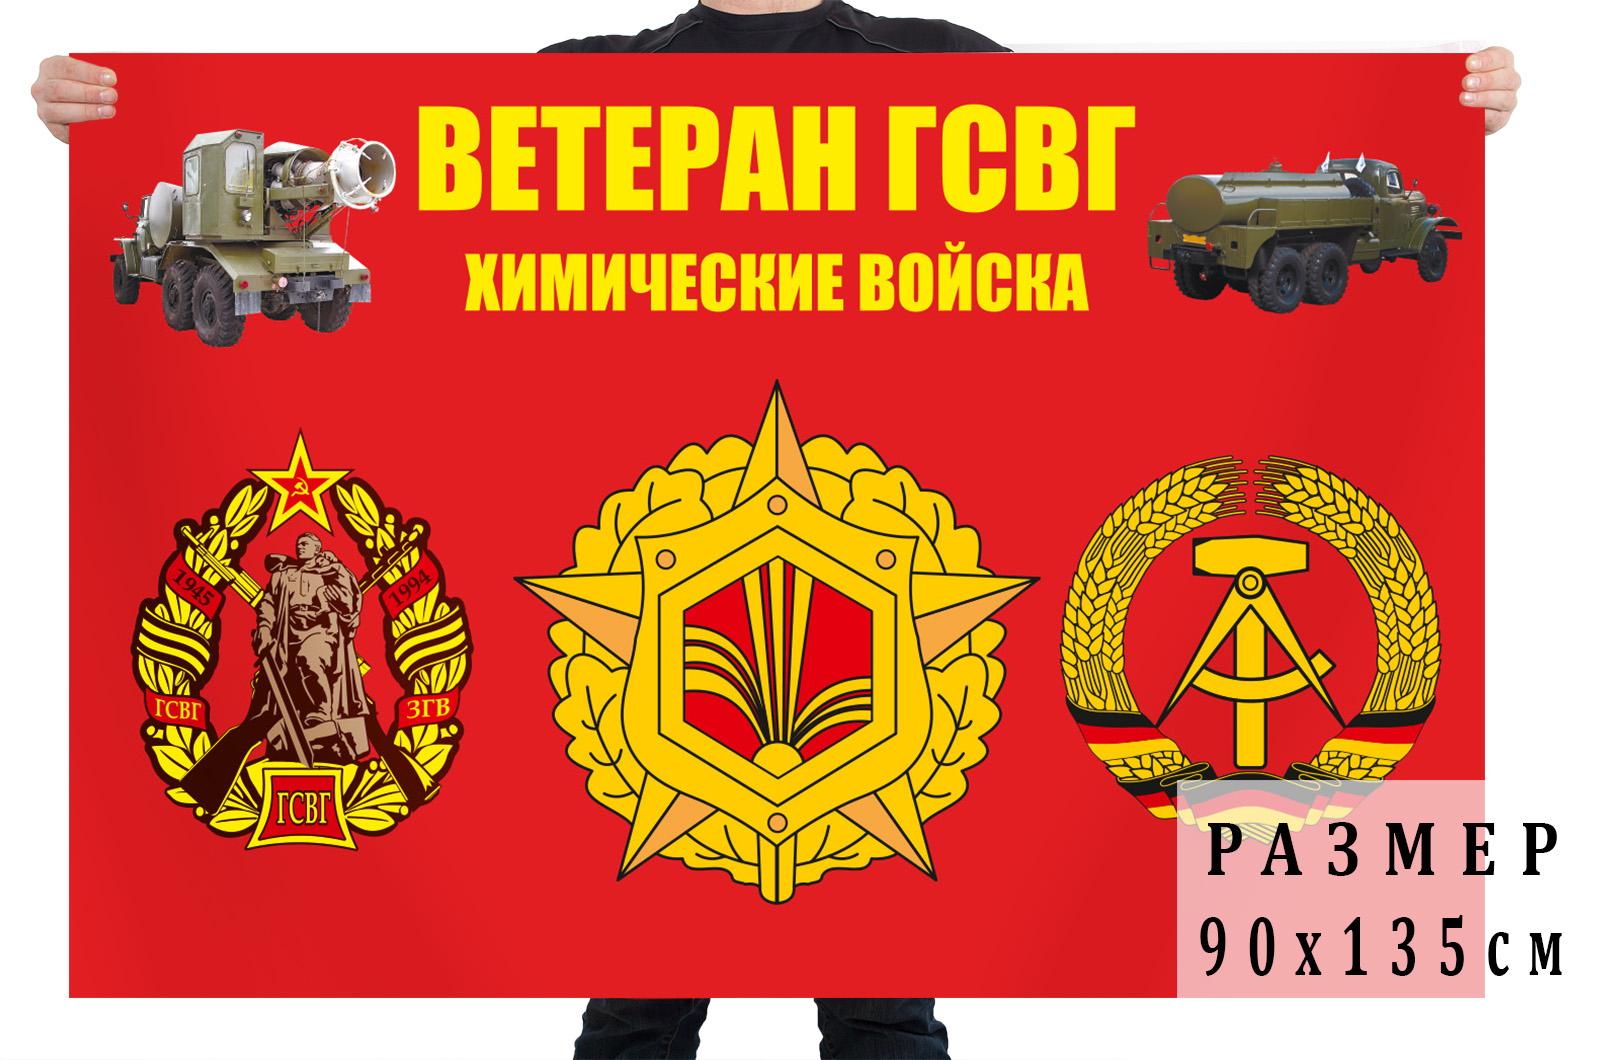 """Флаг Ветеран ГСВГ """"Химические войска"""""""